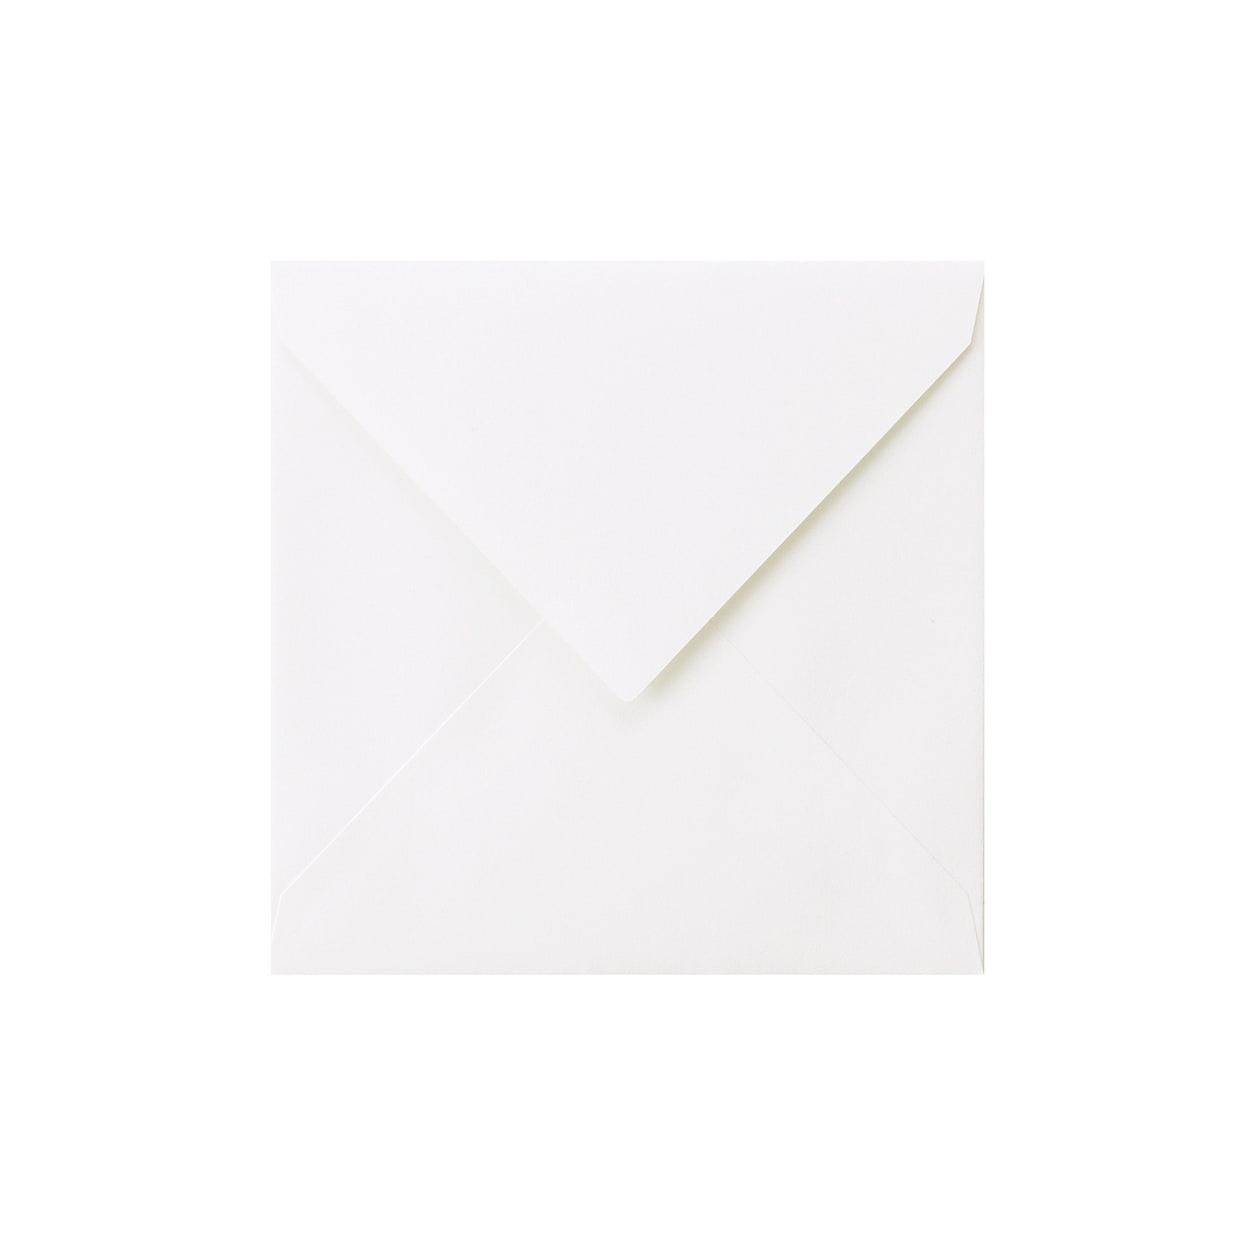 SE16ダイア封筒 コットン スノーホワイト 116.3g